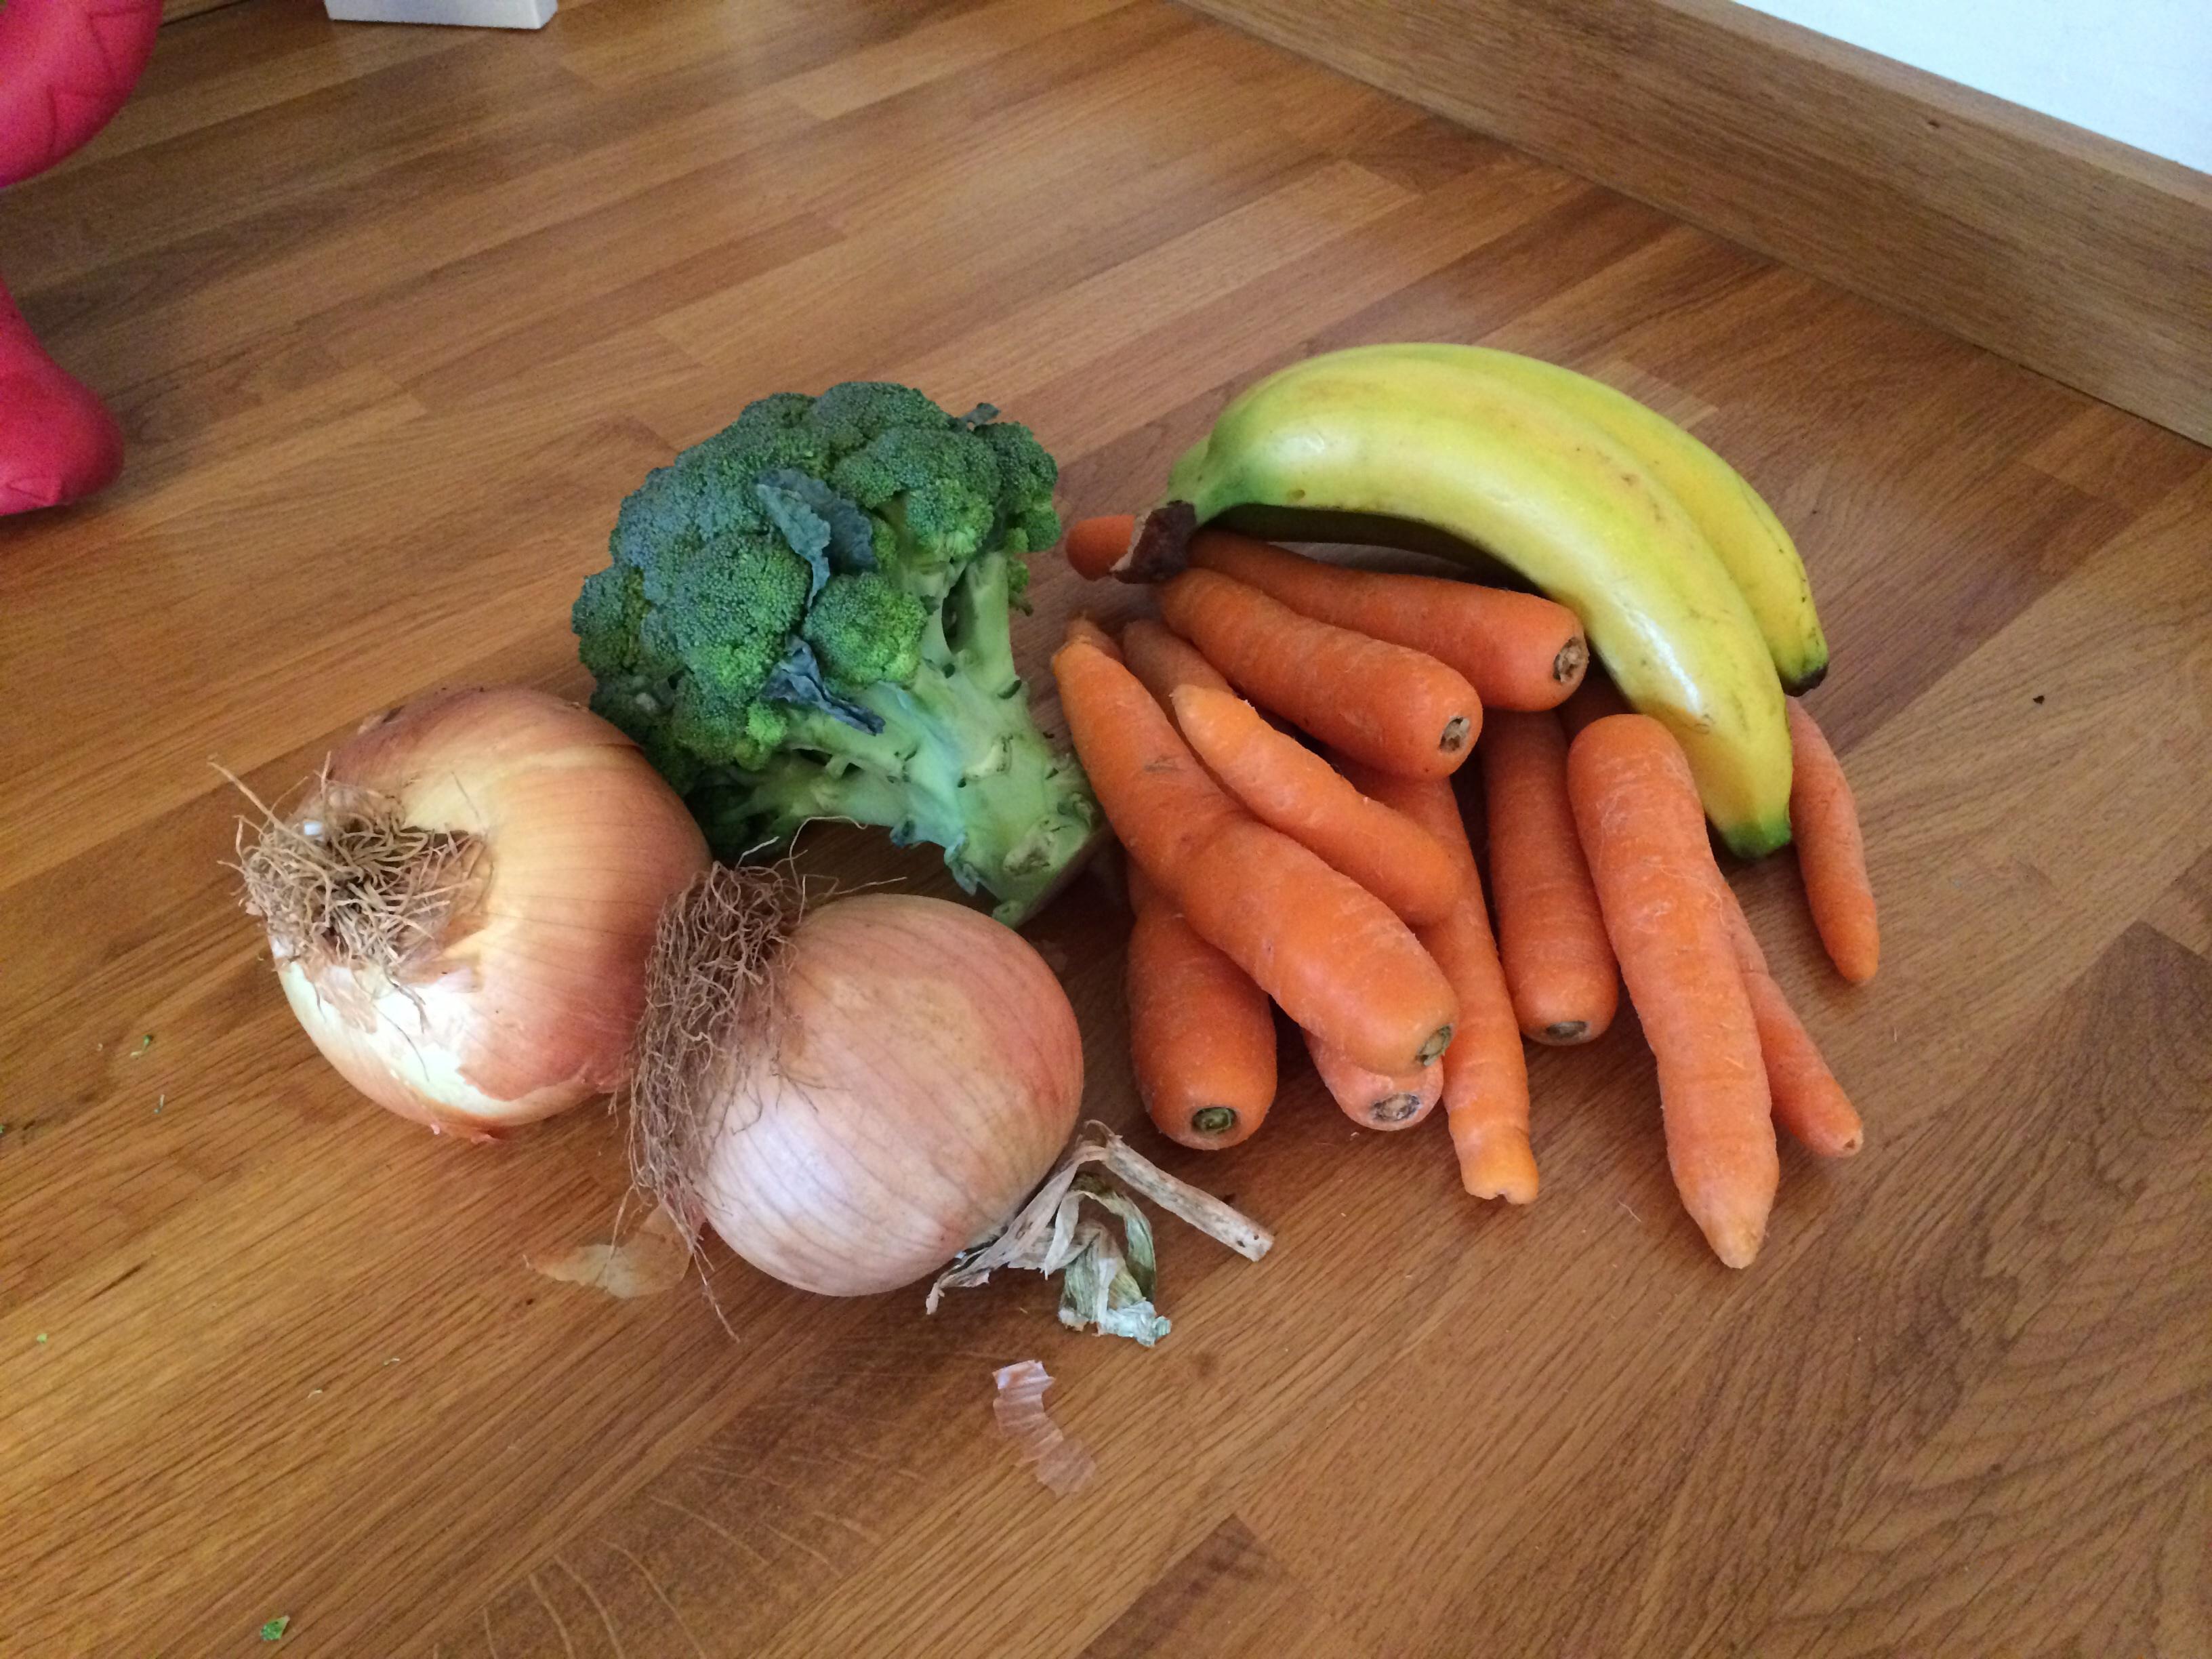 Mixed veg and bananas